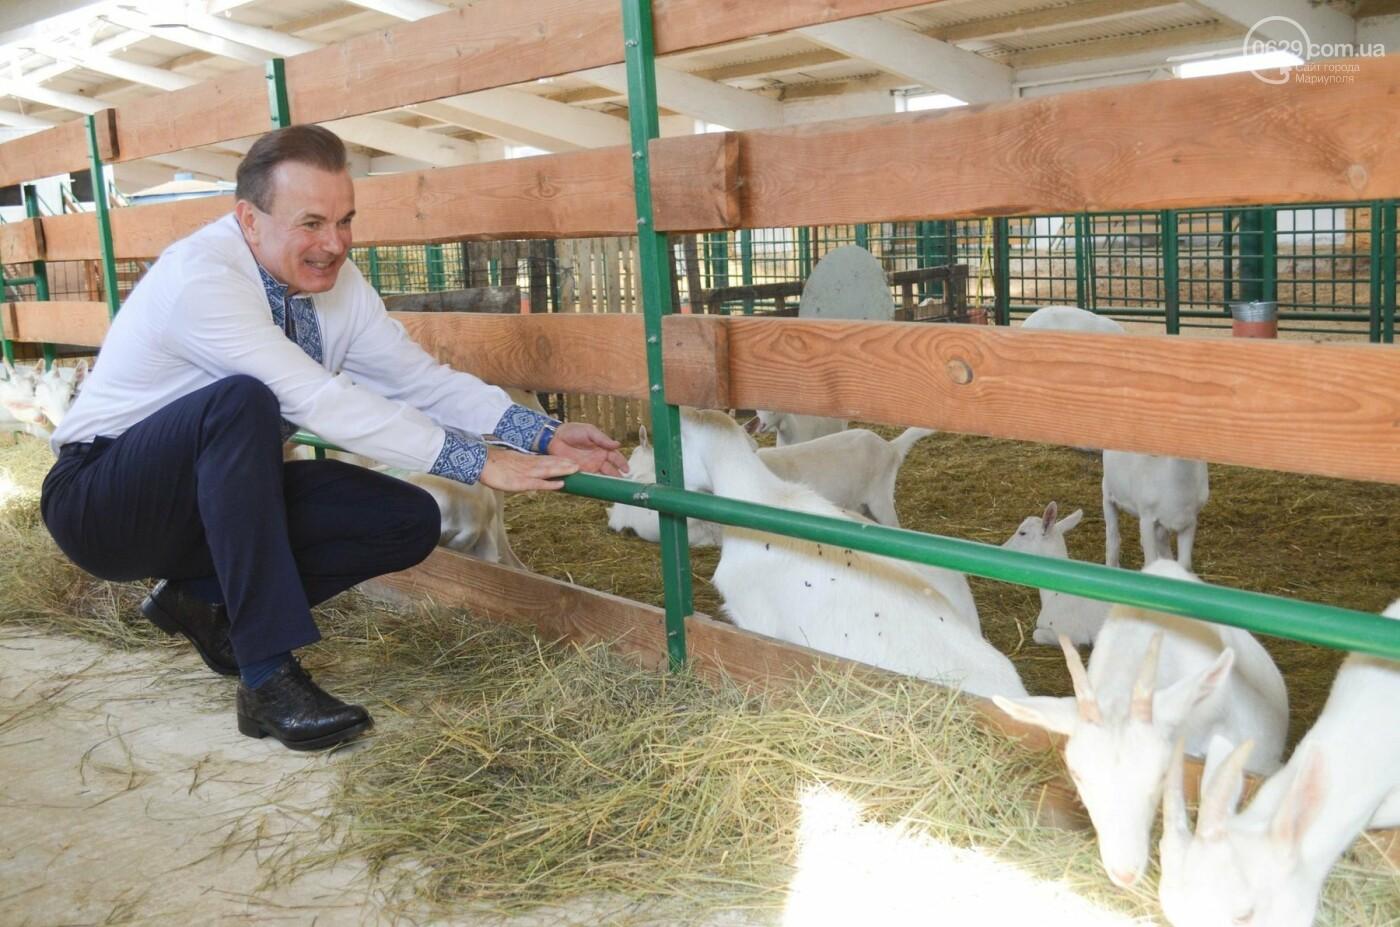 Юрий Тернавский: «Мариупольский молокозавод может напоить молоком каждого жителя Мариуполя и Приазовья», фото-42